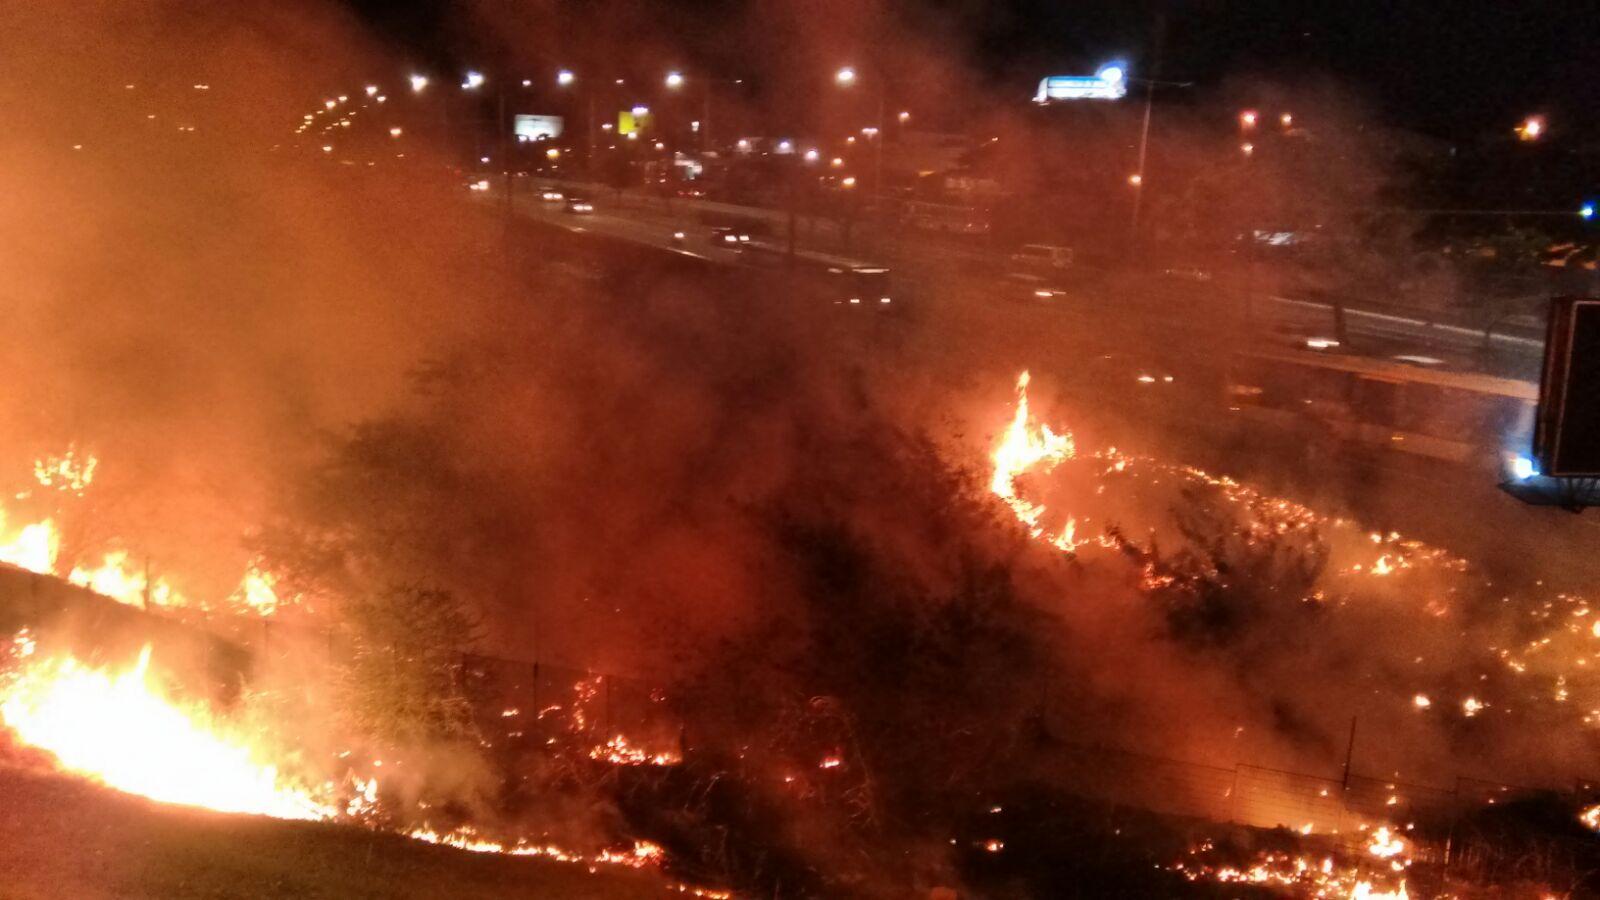 O que foi este fogo que aconteceu ontem em Natal?